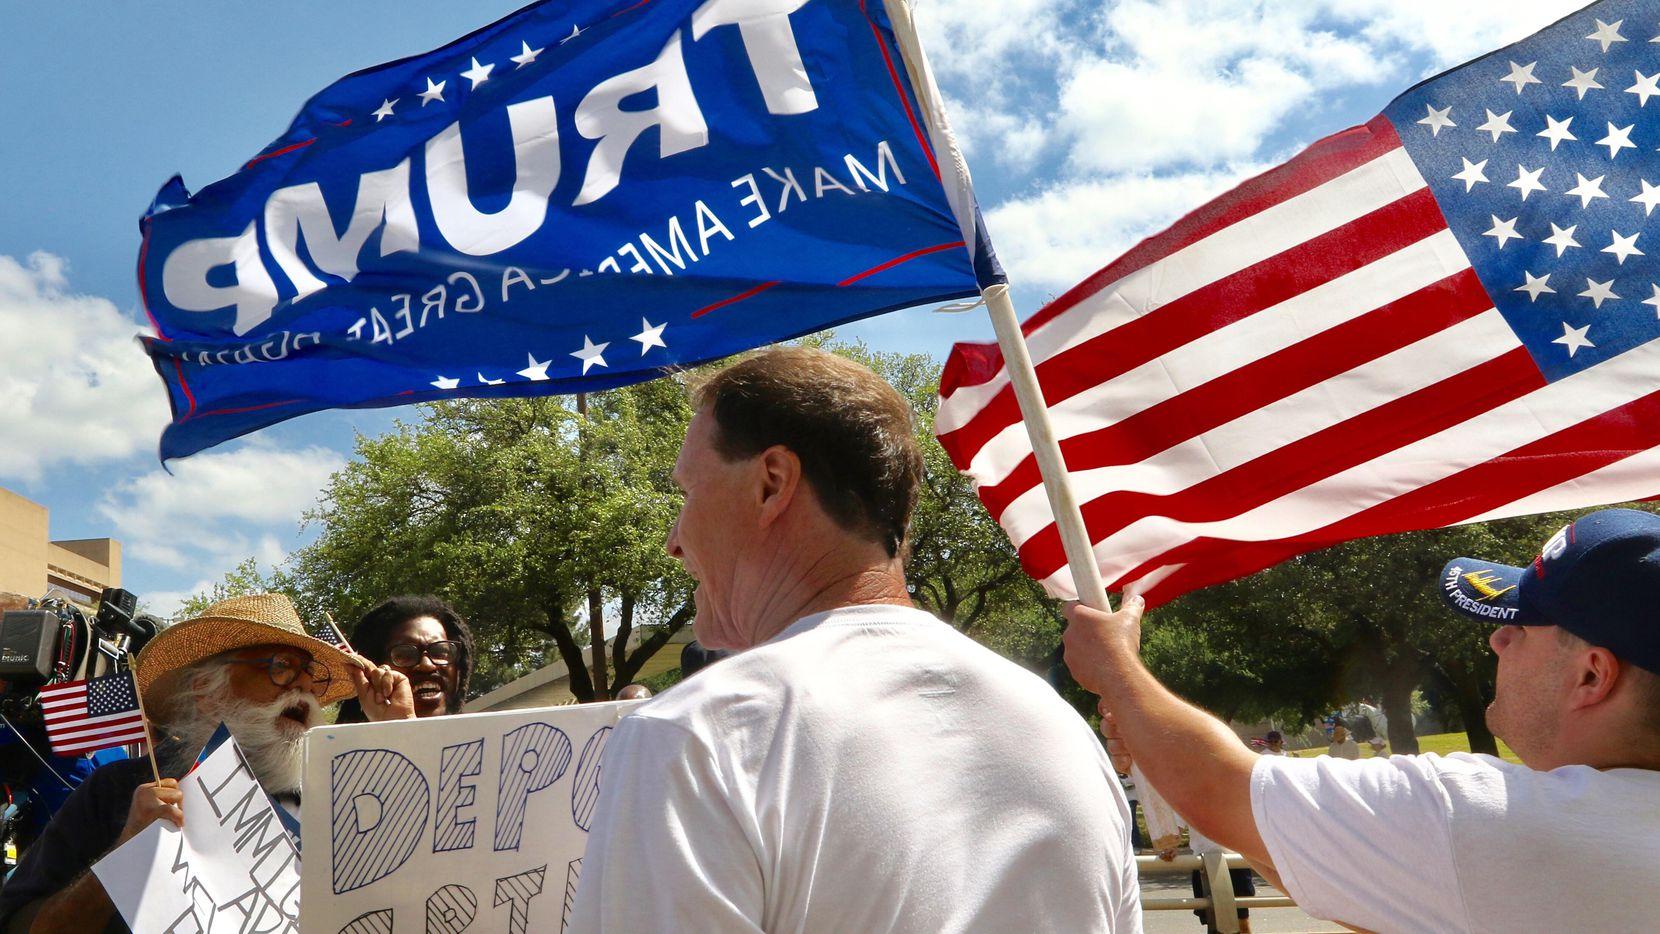 Simpatizantes de Donald Trump marcharon en abril del 2017 a la par de miles de personas en la mega marcha por derechos de los inmigrantes, en el centro de Dallas. (DMN/IRWIN THOMPSON)